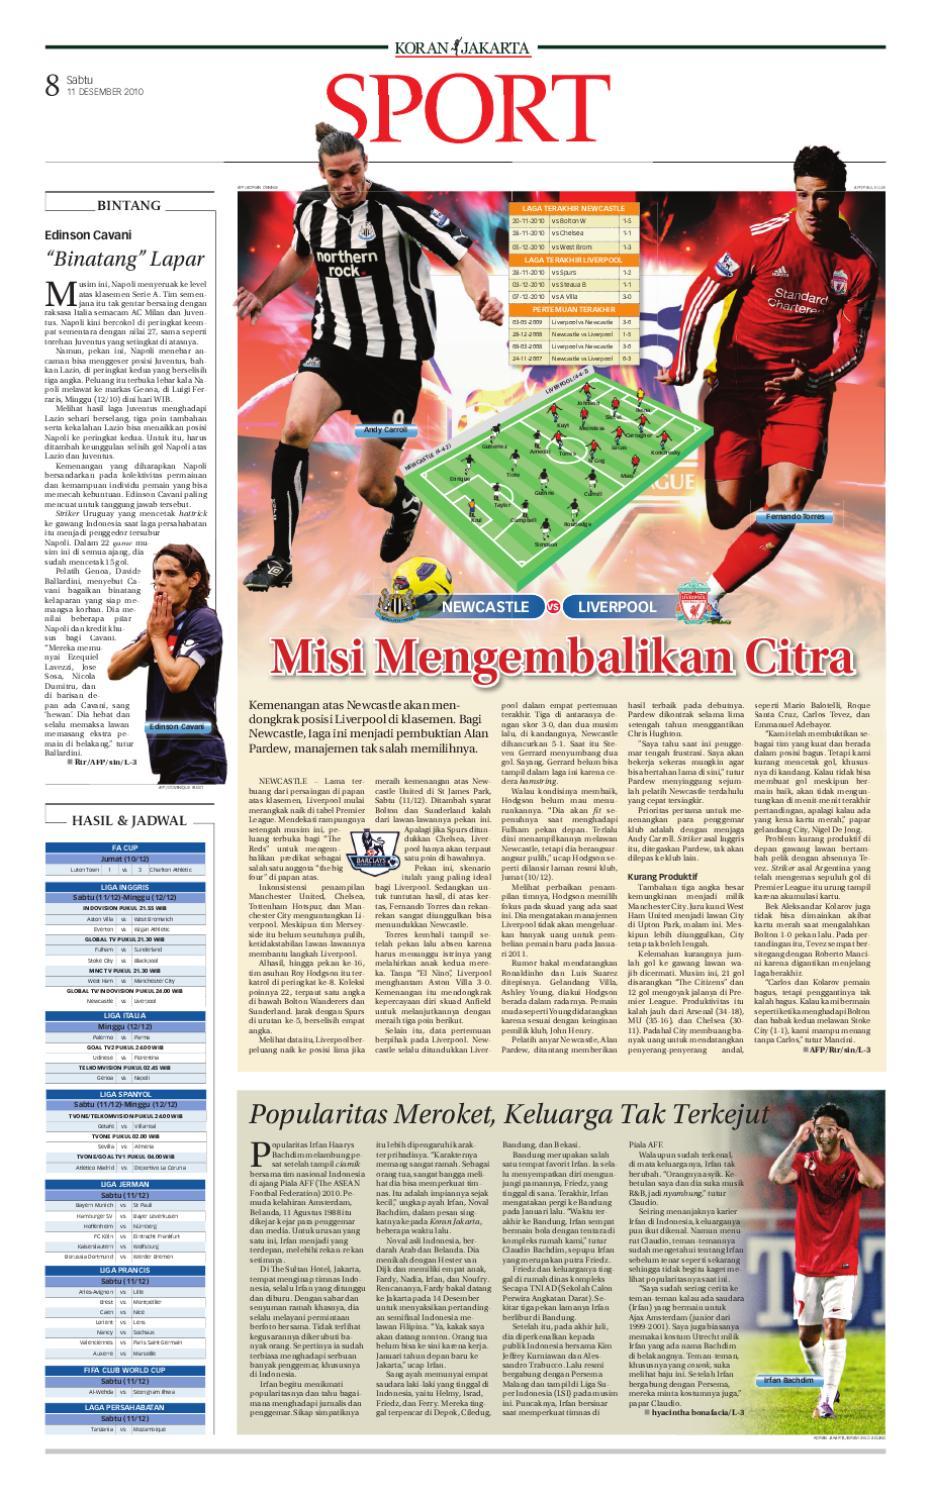 EDISI 887 - 11 DESEMBER 2010 by PT. Berita Nusantara - Issuu